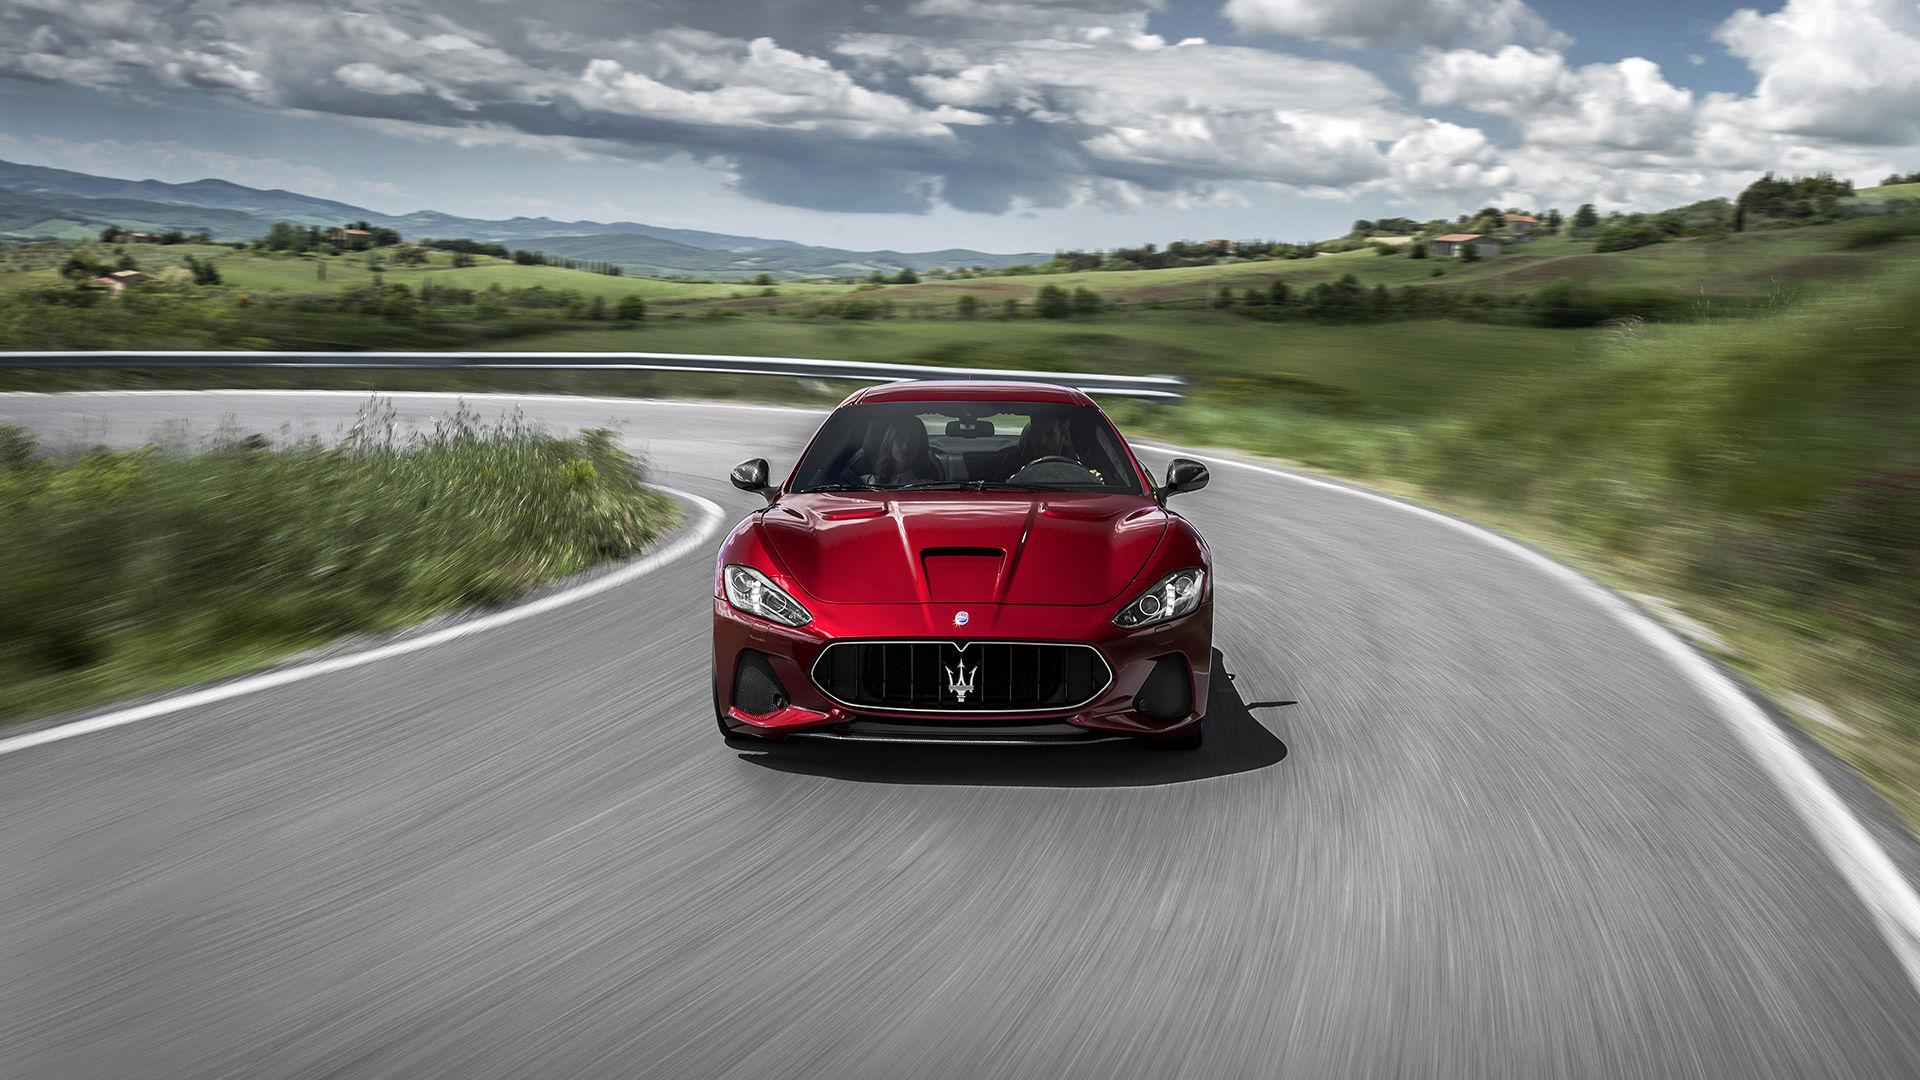 Maserati GranTurismo Probefahrt und Angebote - Maserati GranTurismo 2019